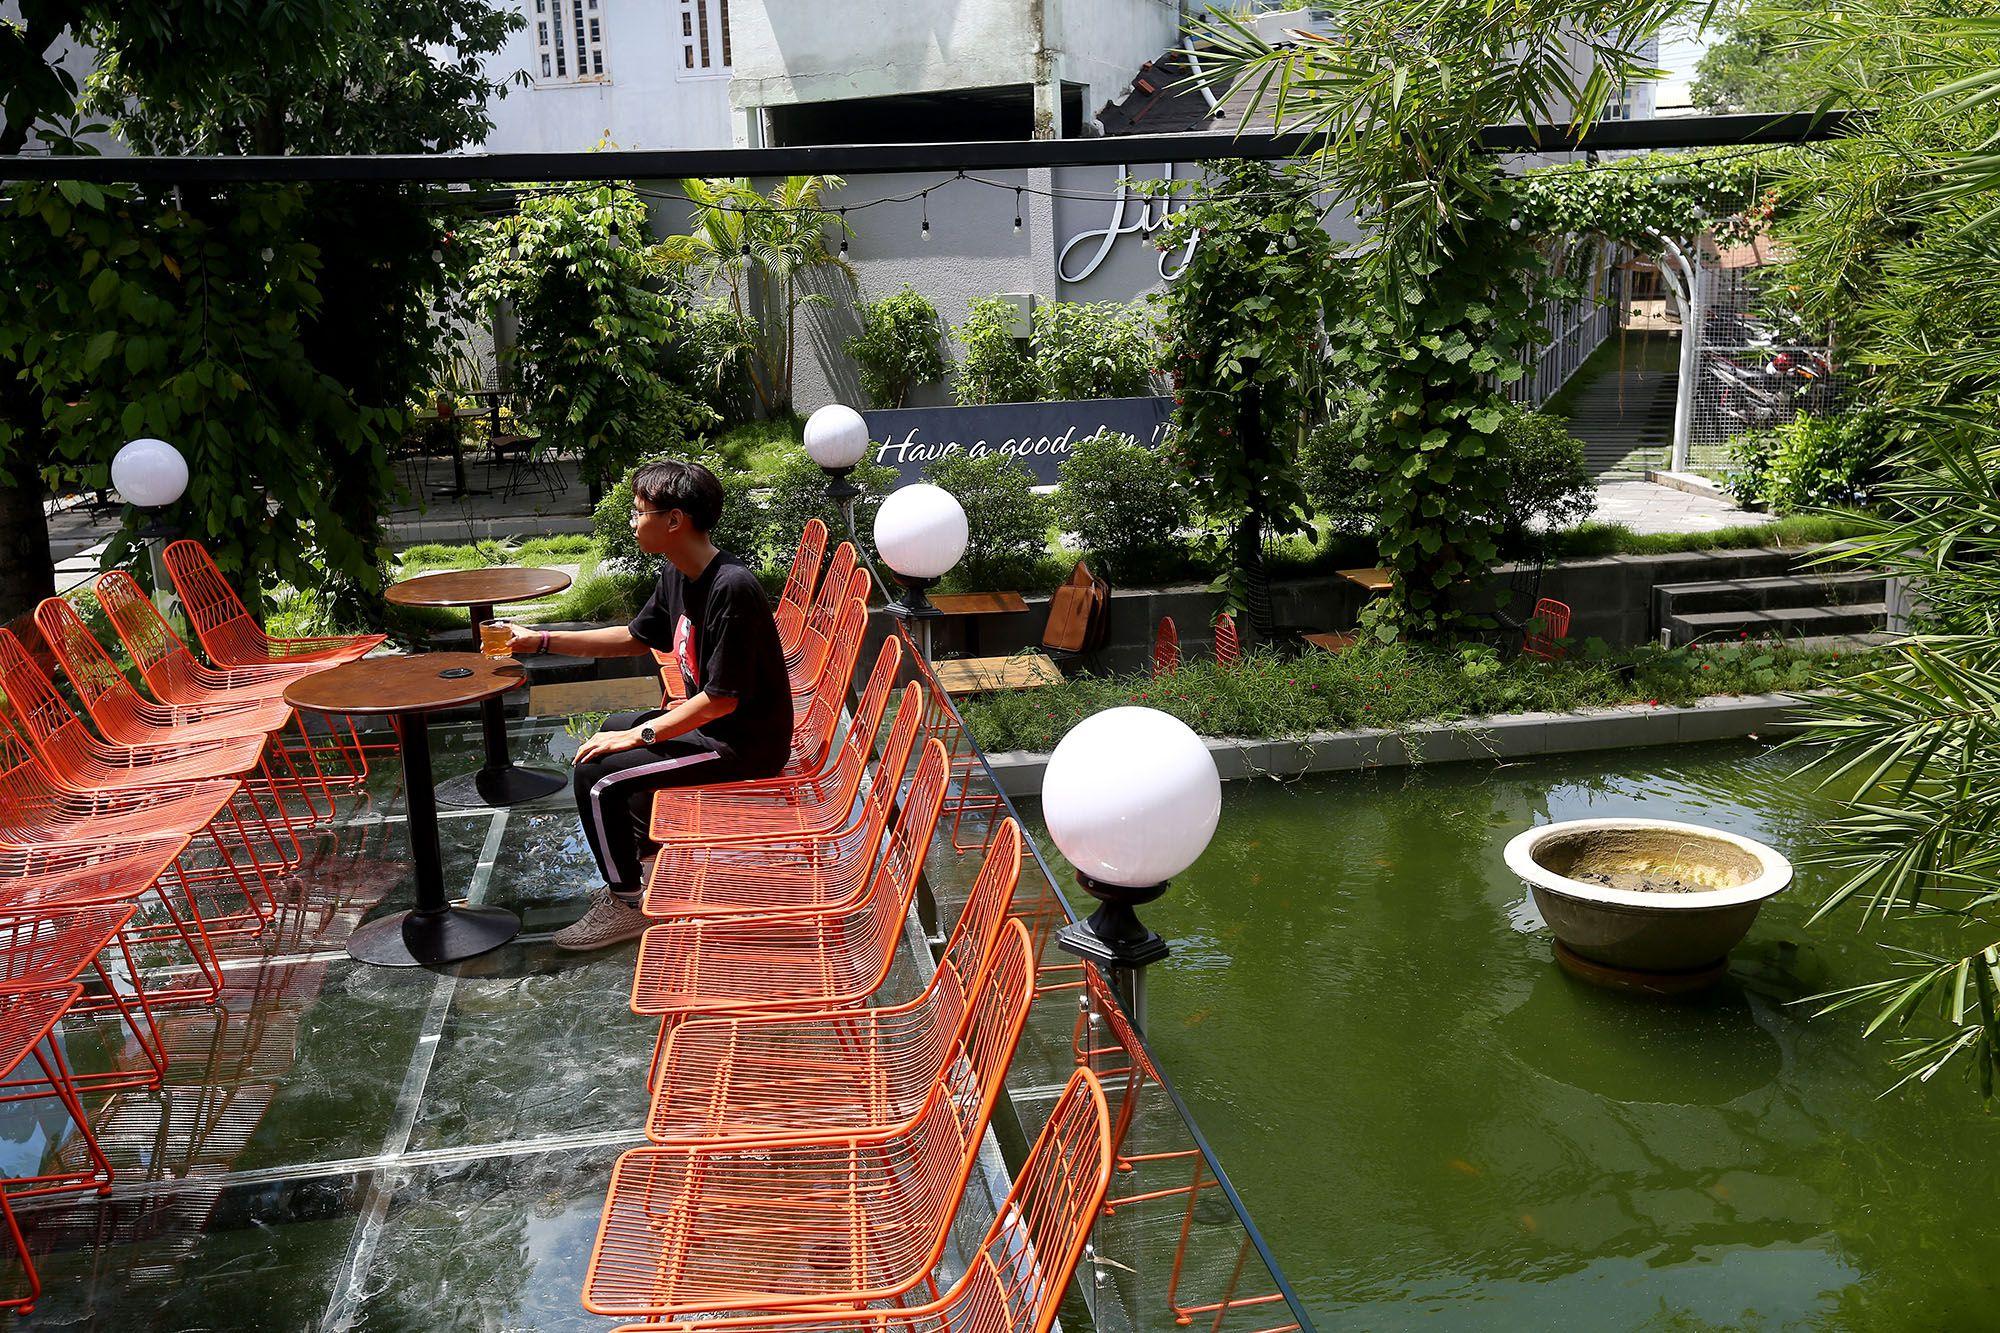 Quán cà phê ở Sài Gòn cho khách chui vào ống cống - 13